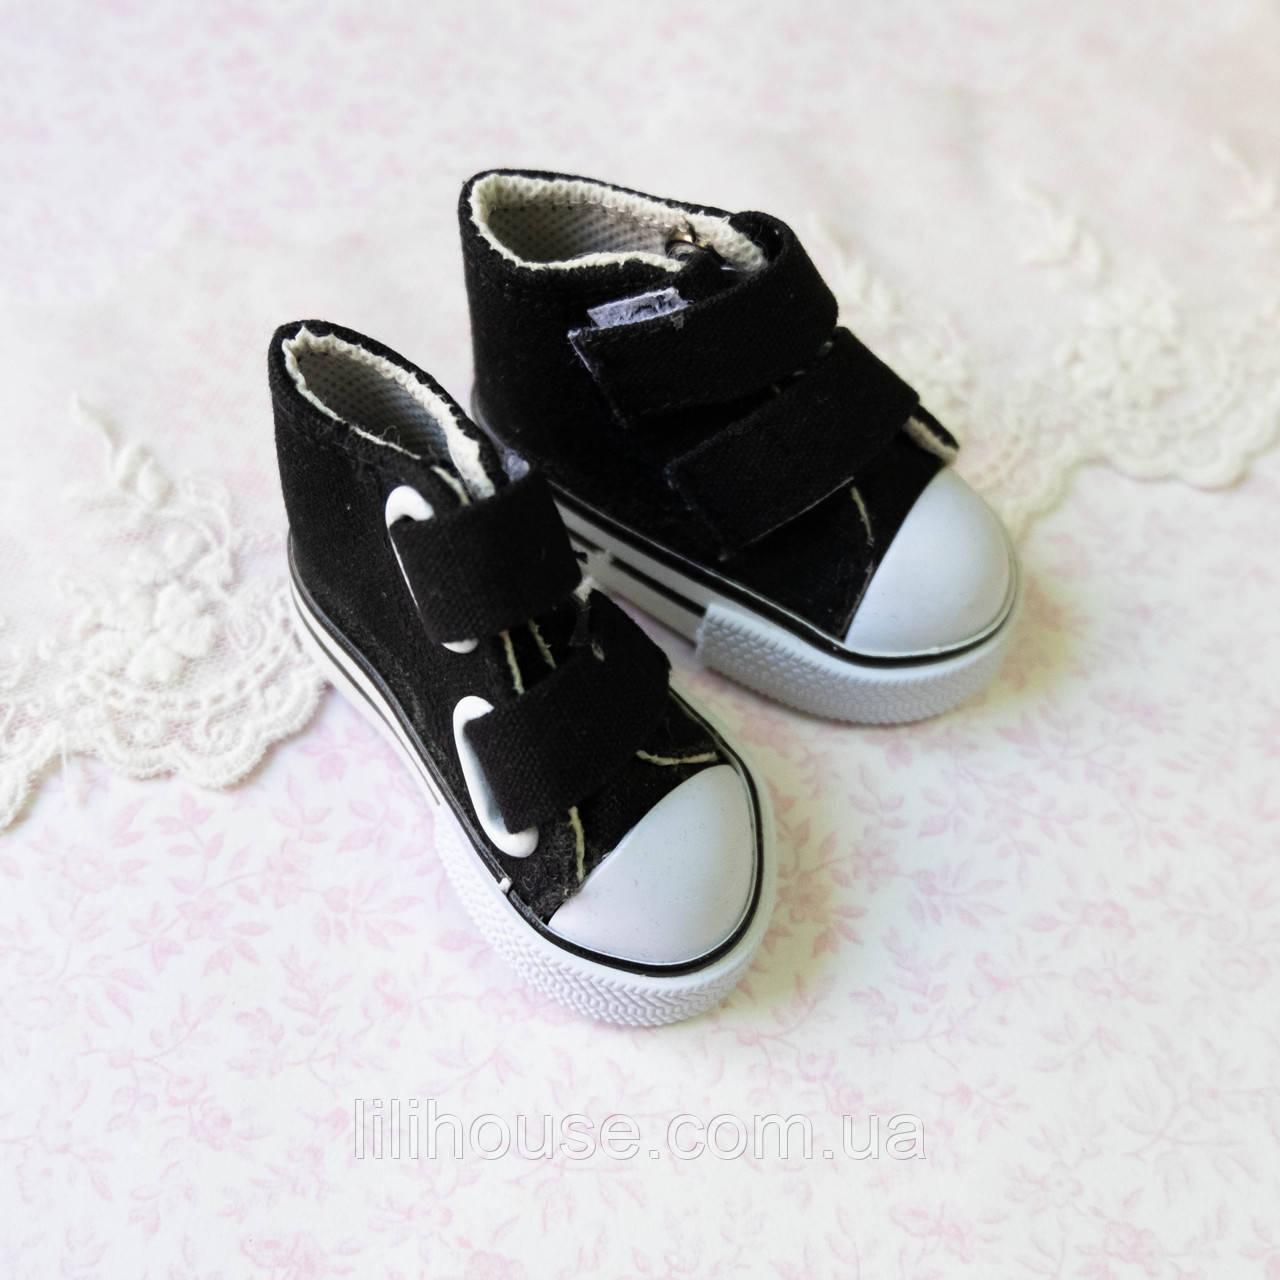 Обувь для Кукол Кеды на Липучках 7*3 см ЧЕРНЫЕ